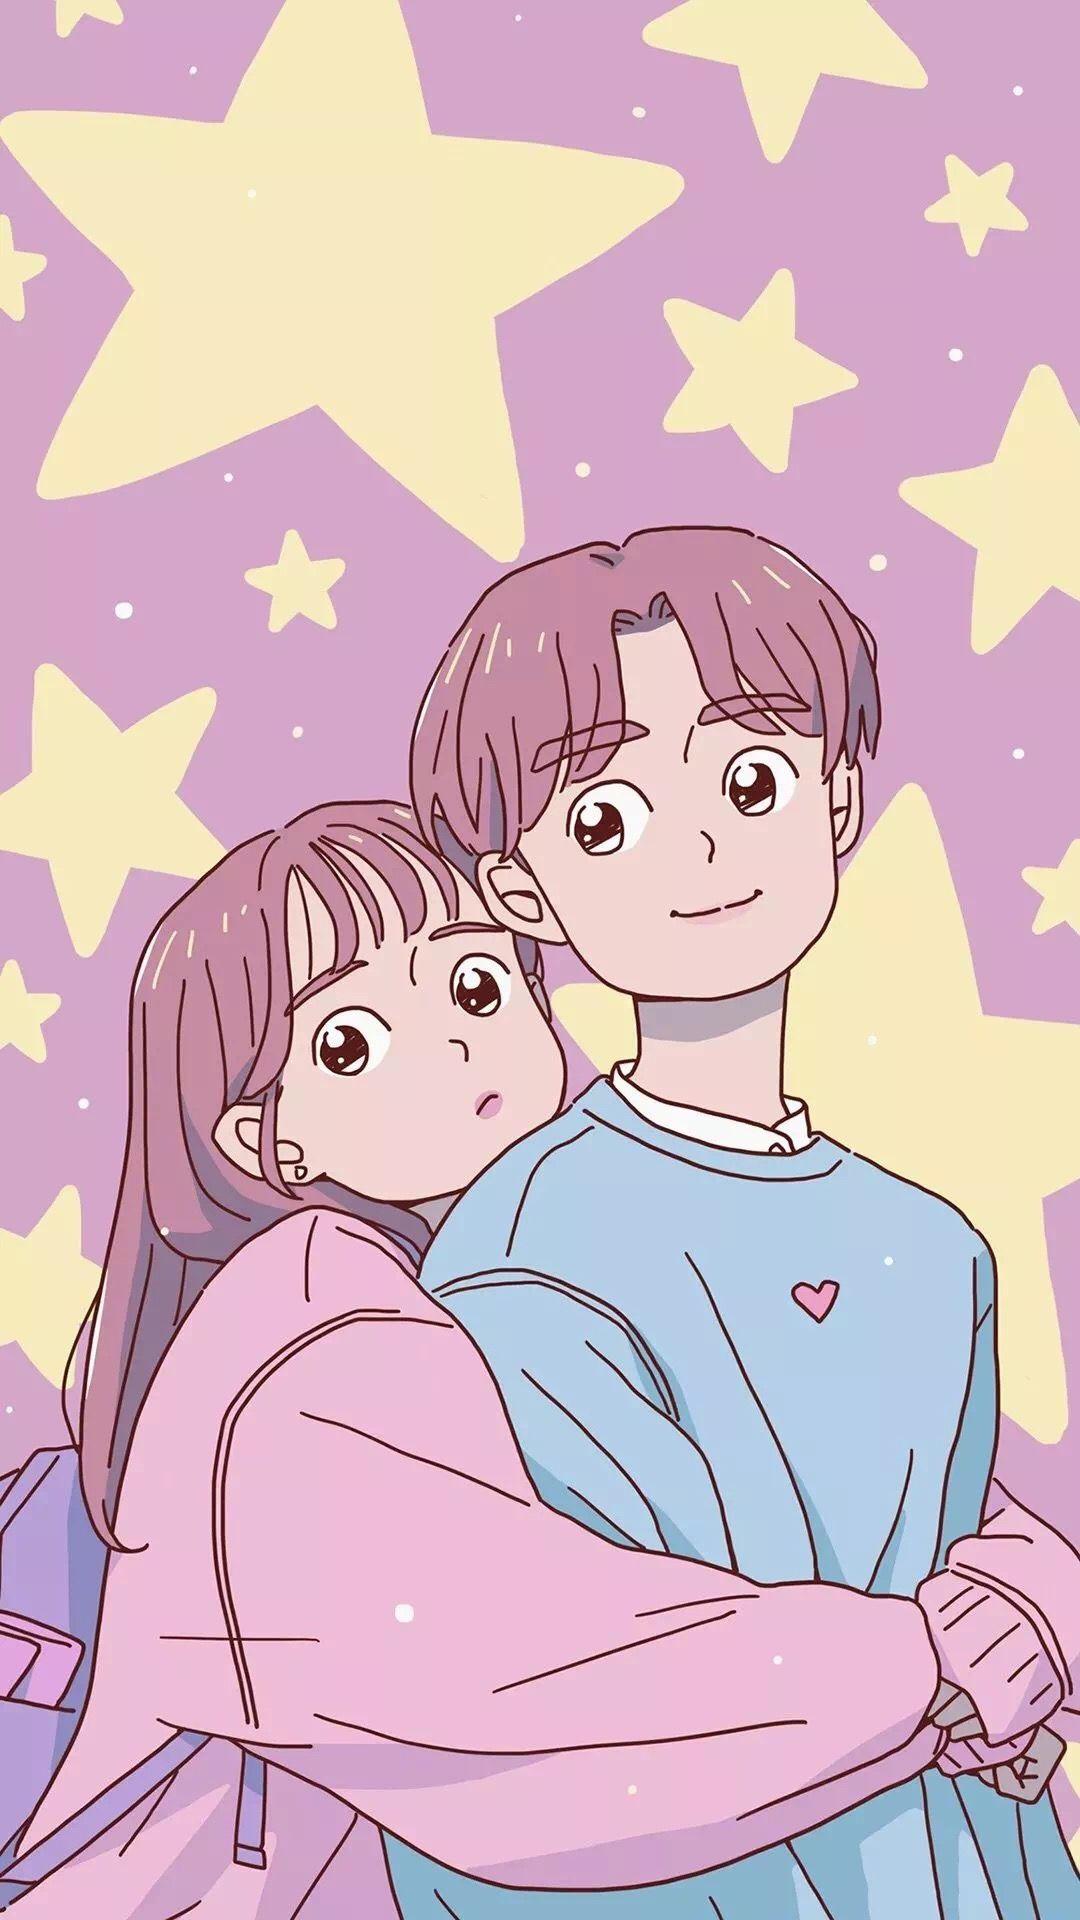 Pin Oleh Chang Di Wallpaper Pink Ilustrasi Karakter Ilustrasi Buku Kartun